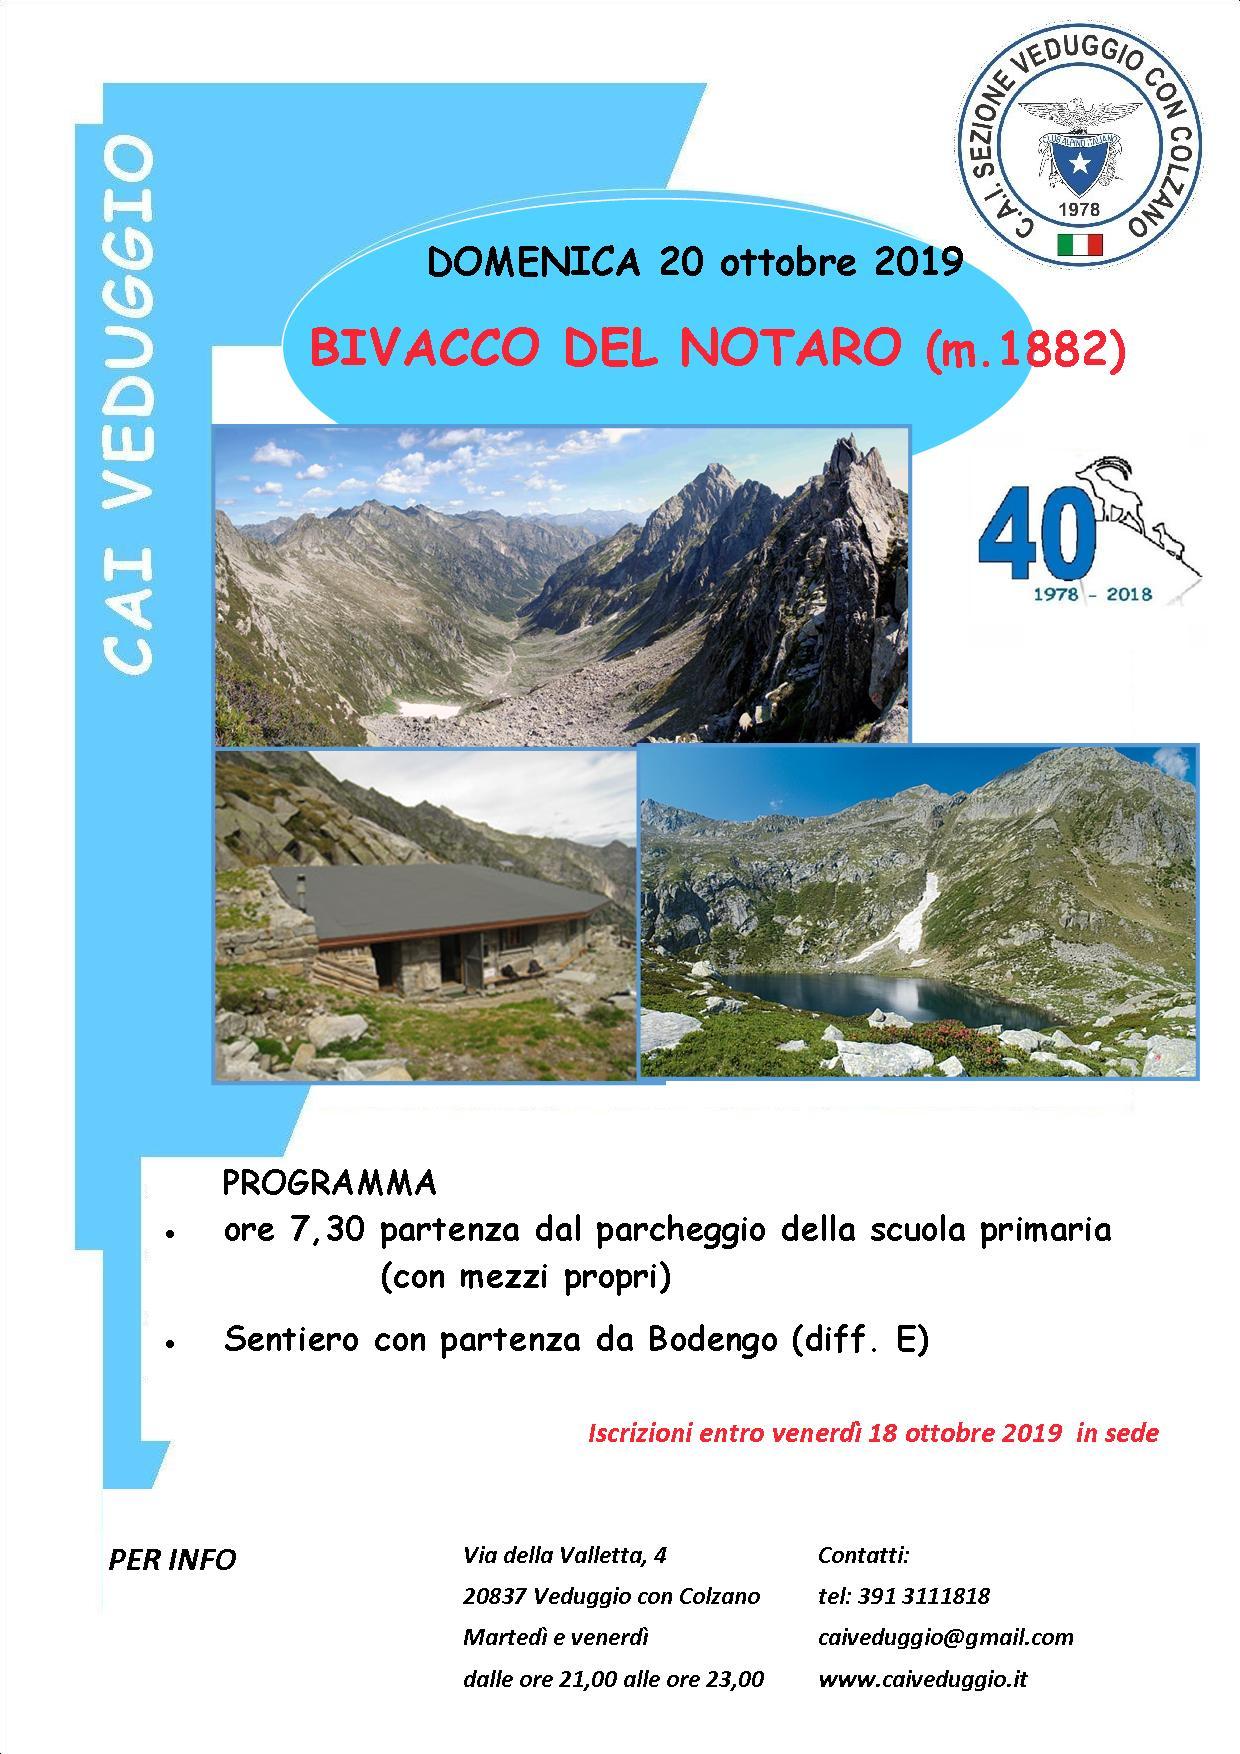 Domenica 20 ottobre 2019 – Bivacco del Notaro (Val Bodengo)